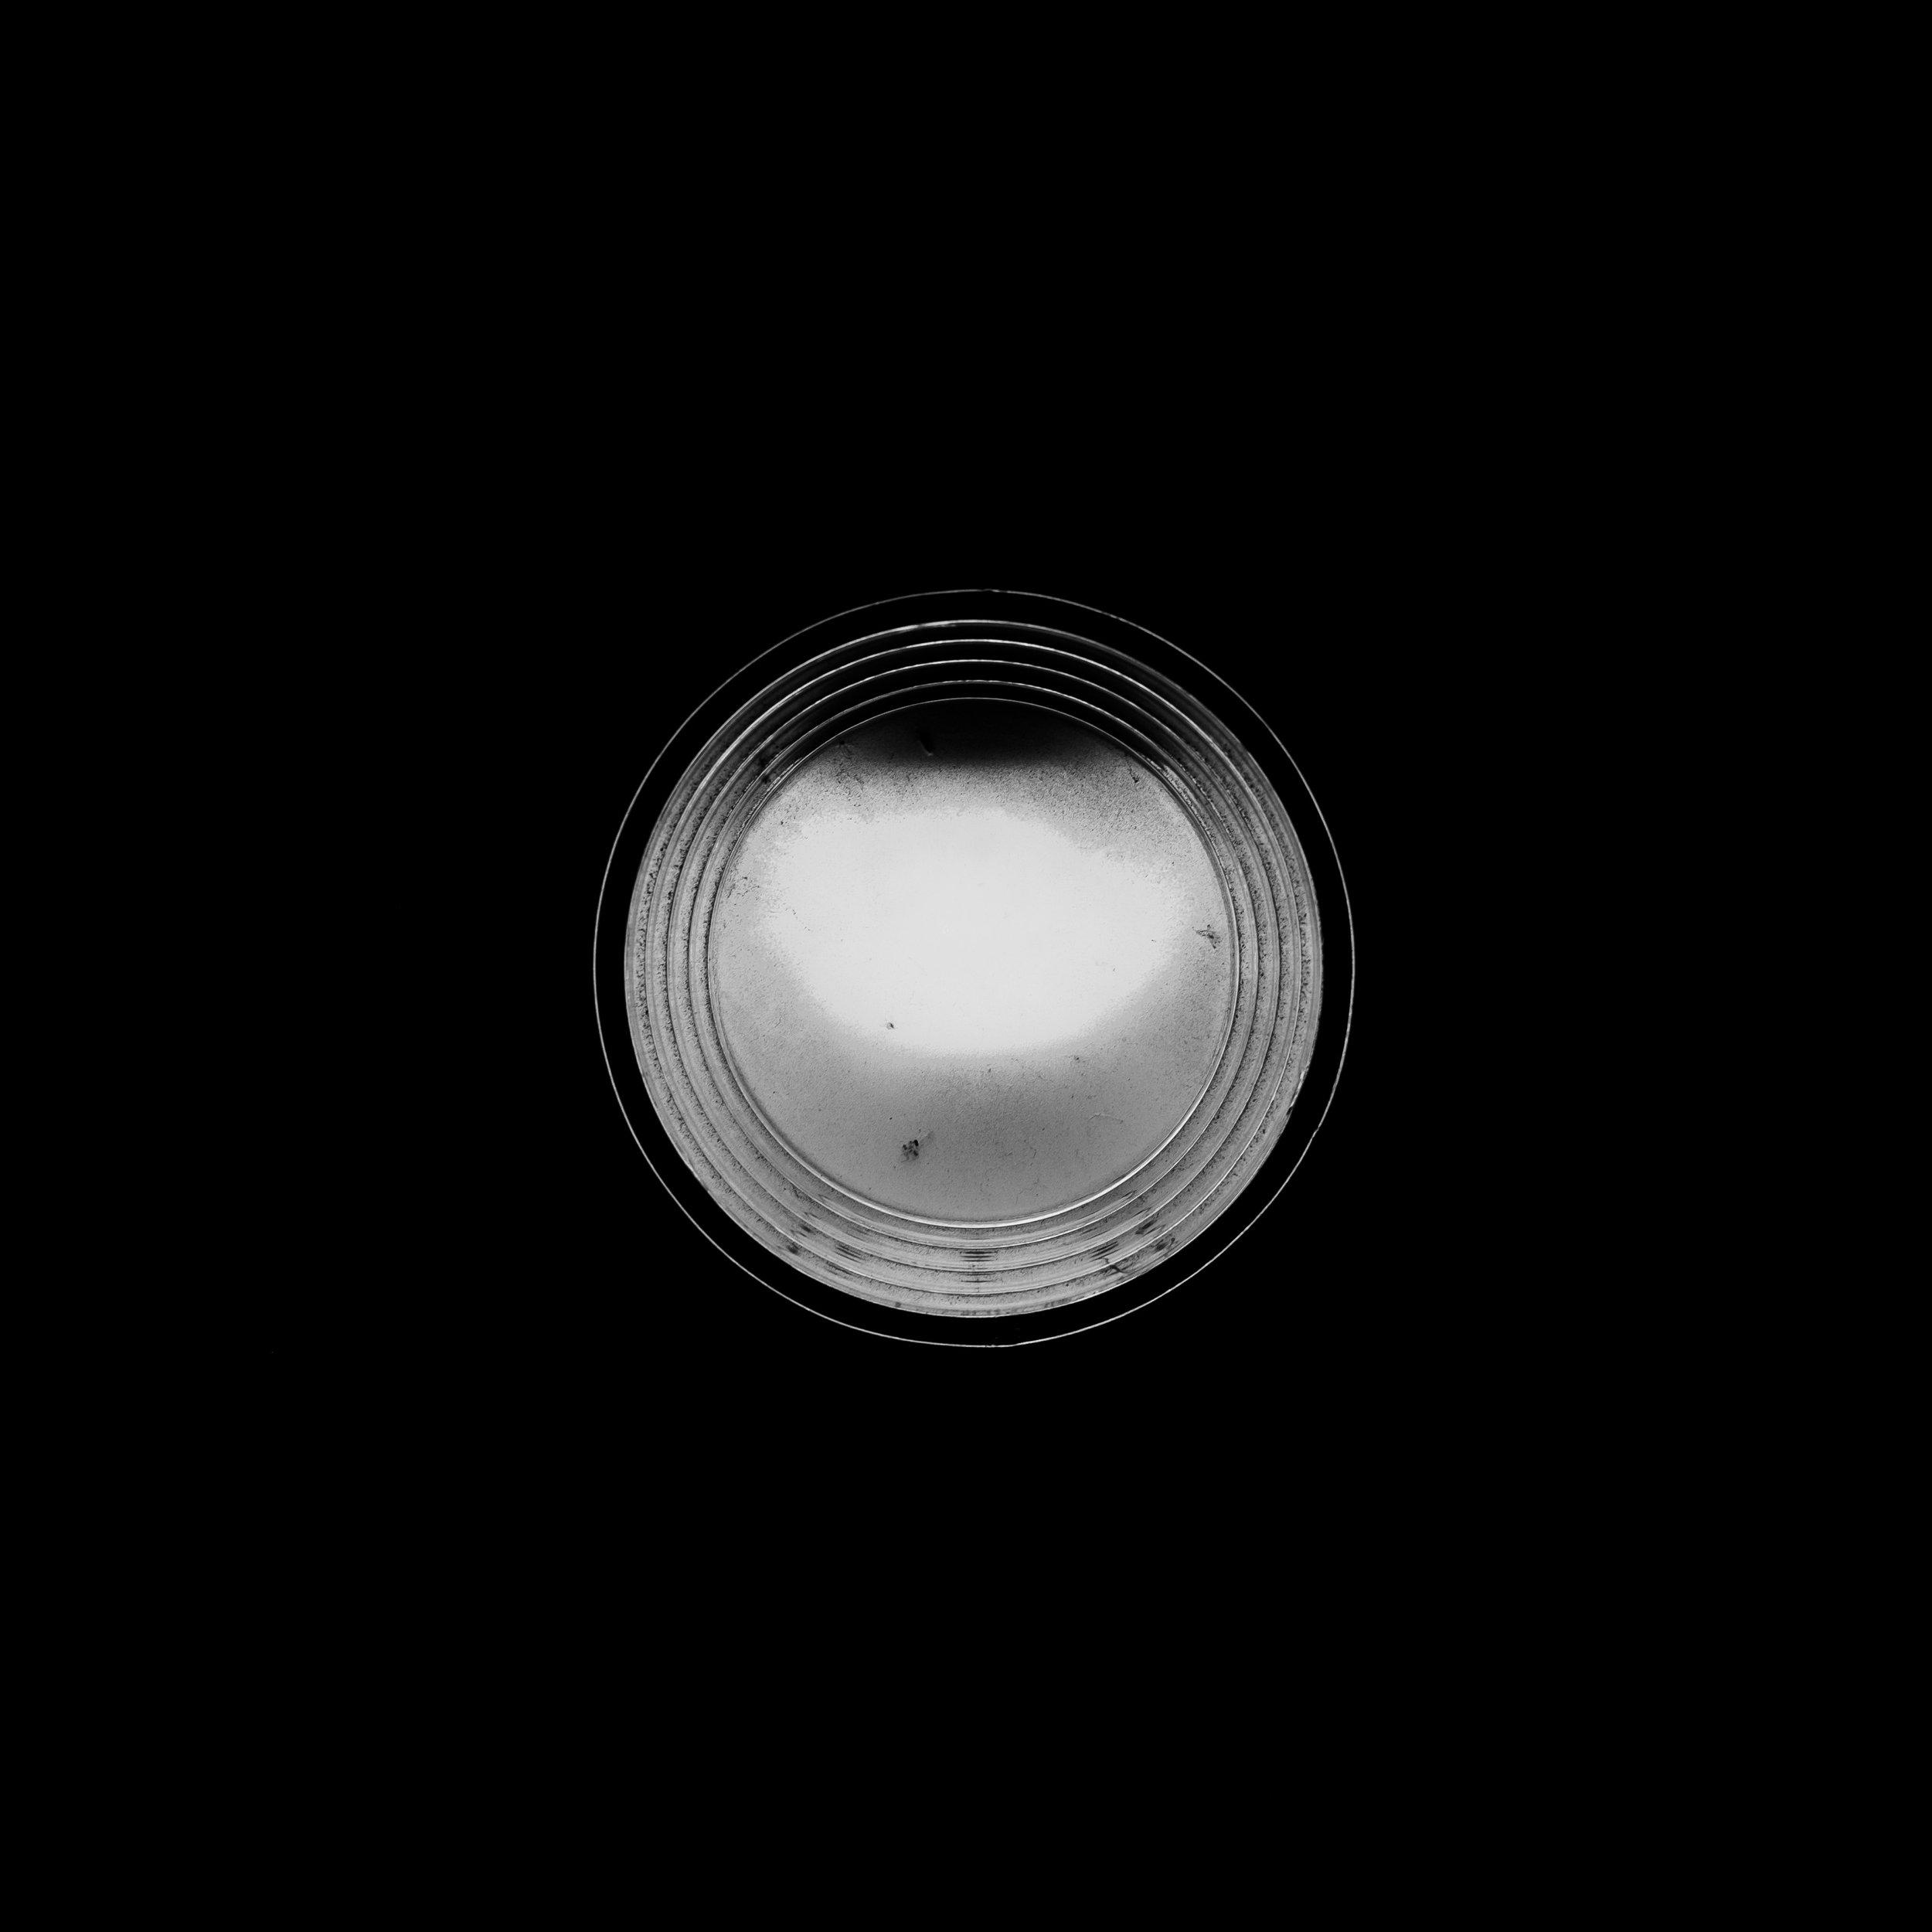 Lamps-11.jpg